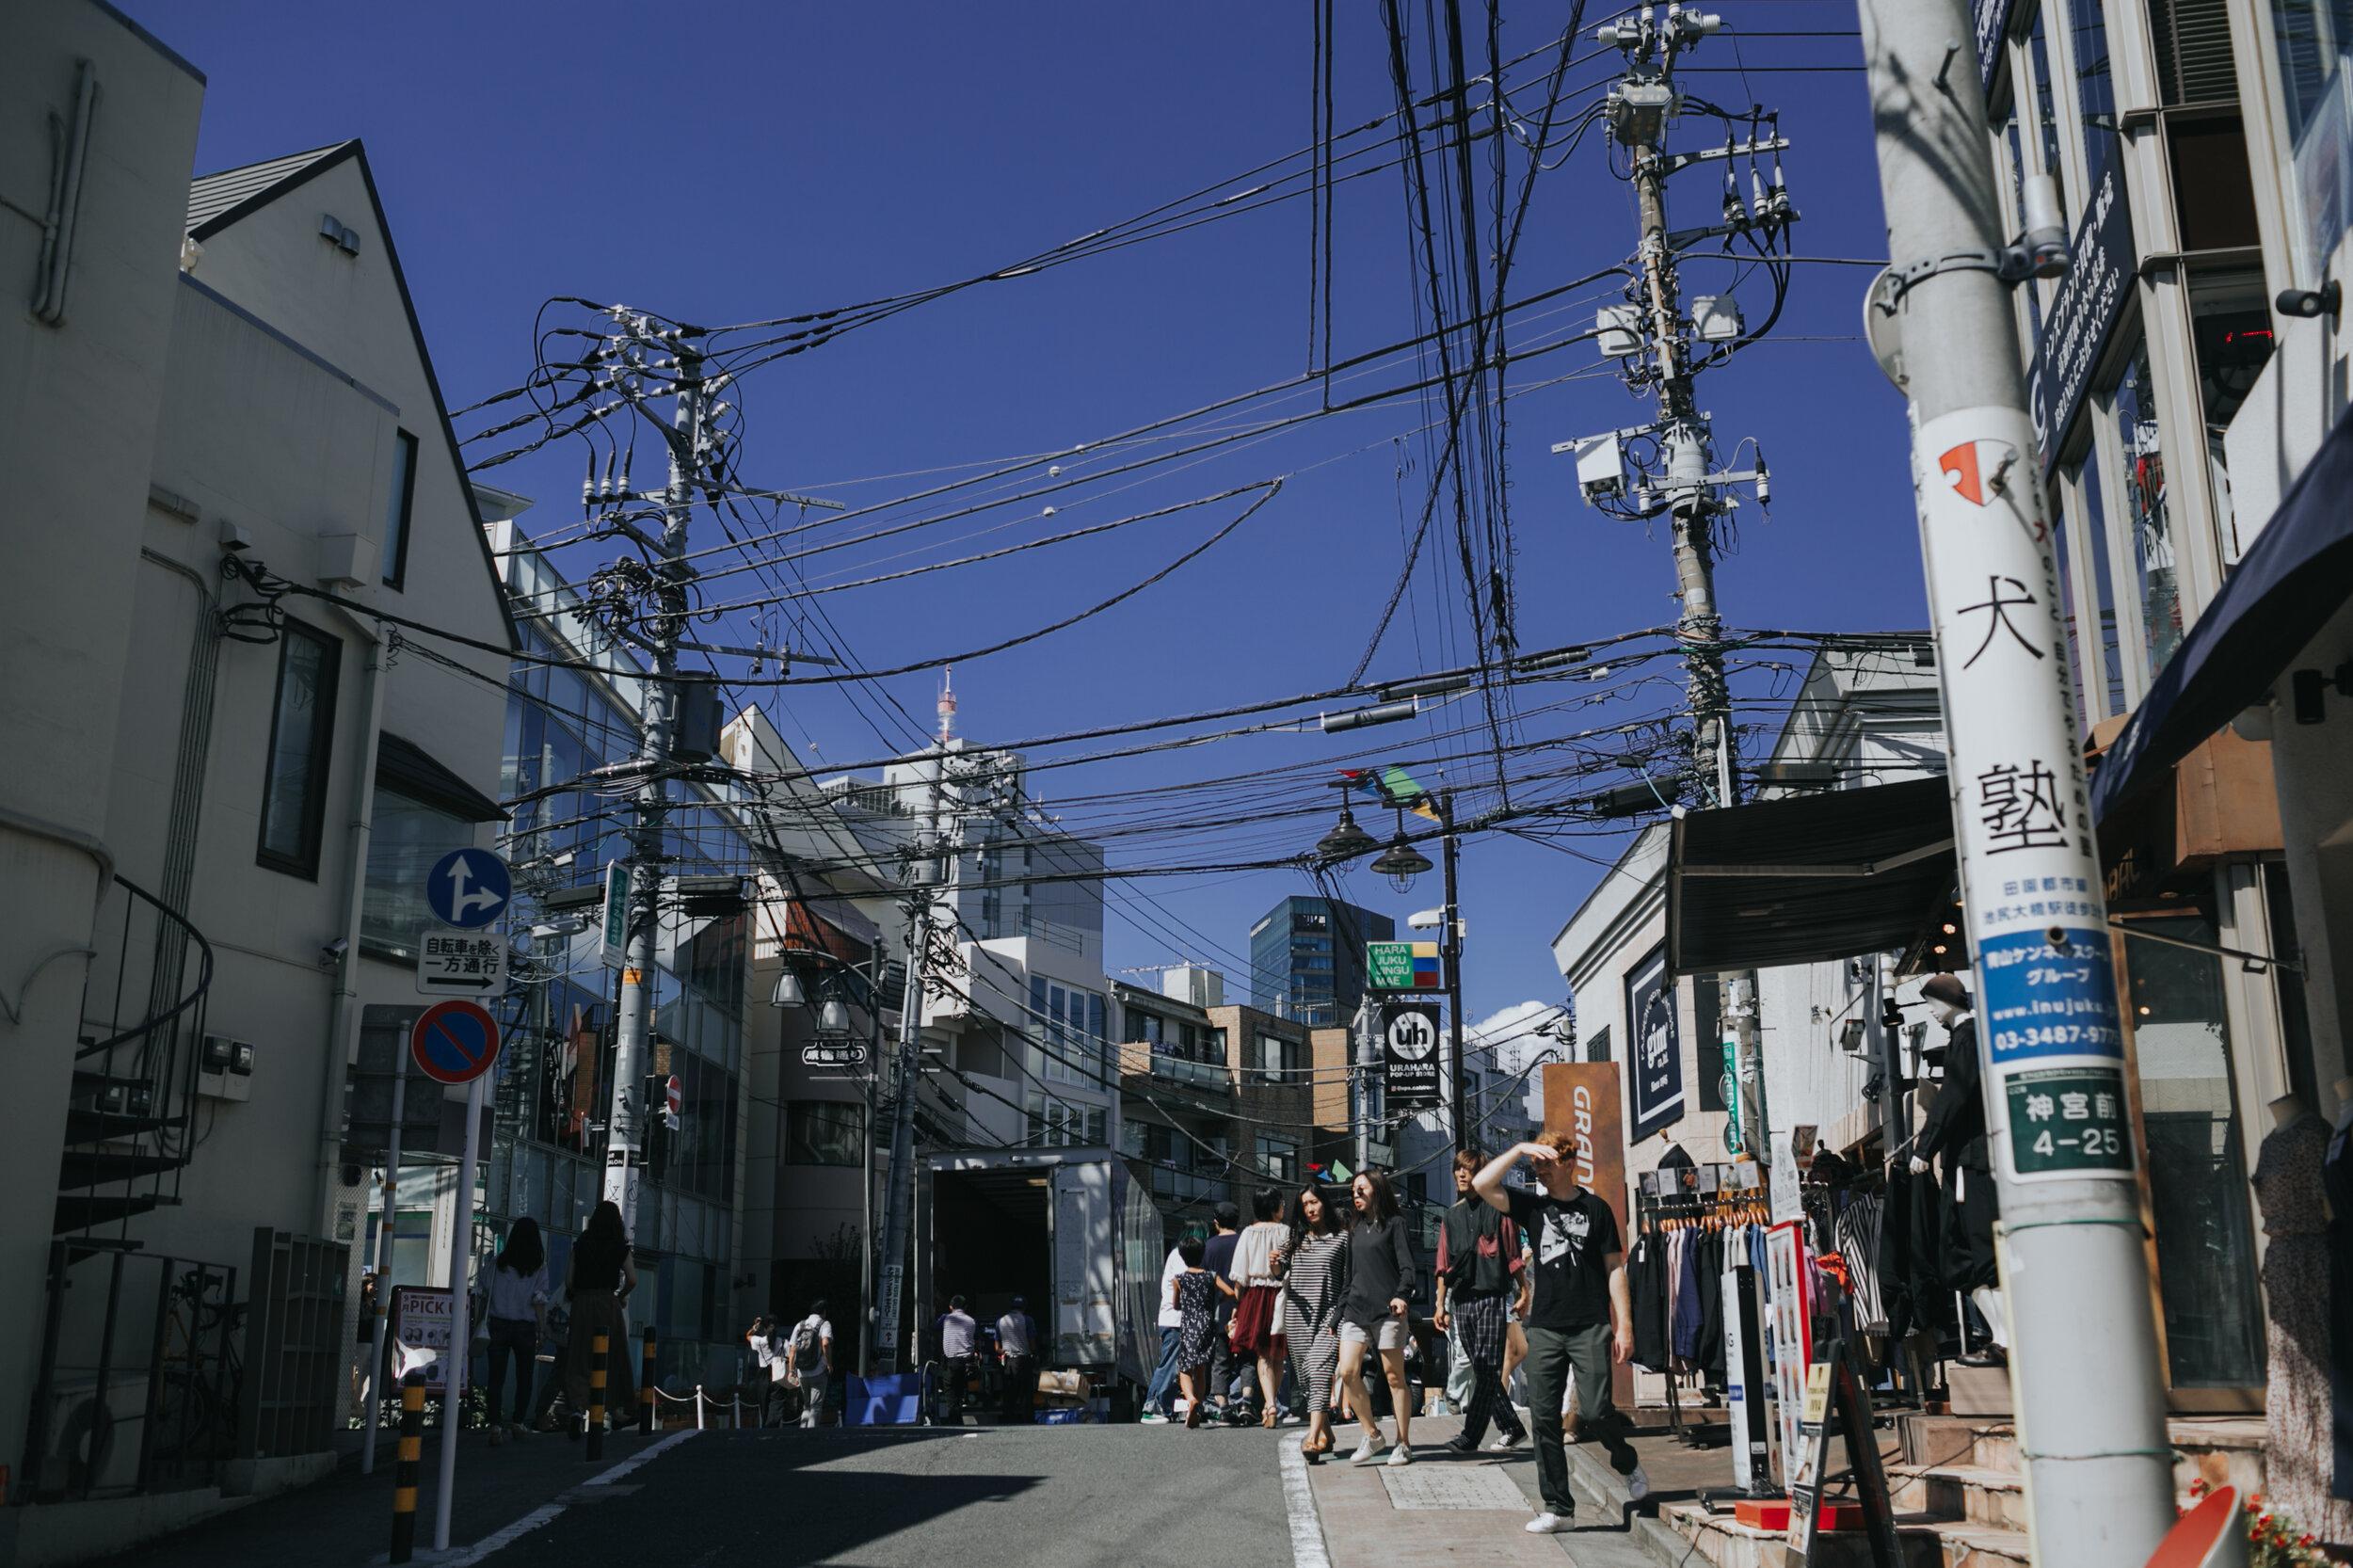 tokyo sept 2019-22.jpg